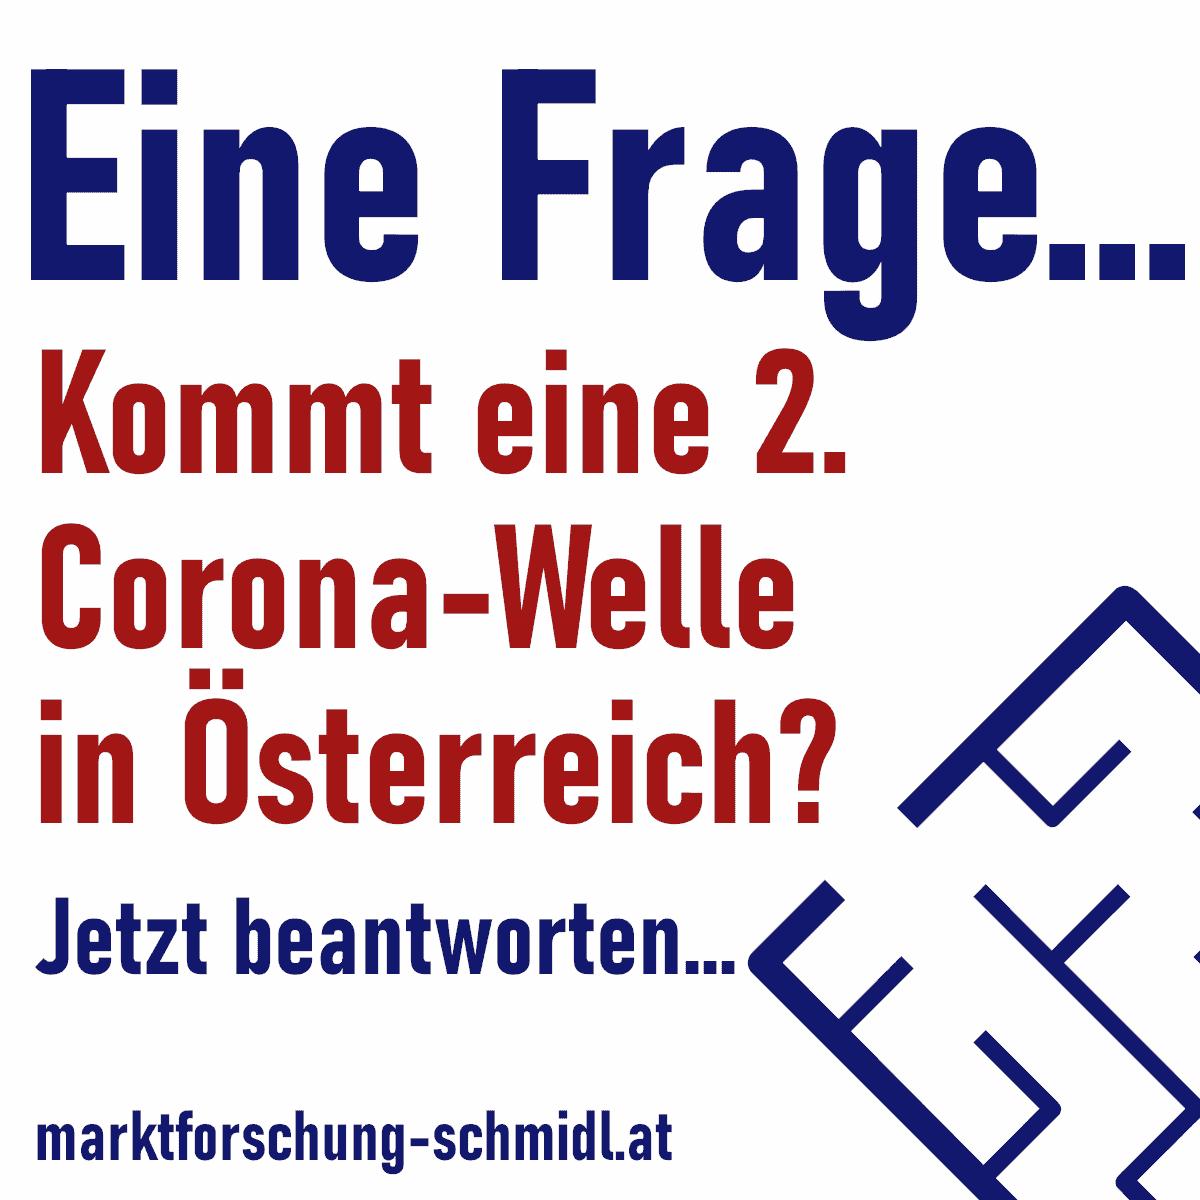 Umfrage und Live-Ergebnisse: Wird es in Österreich zu einer 2. Corona-Welle kommen?